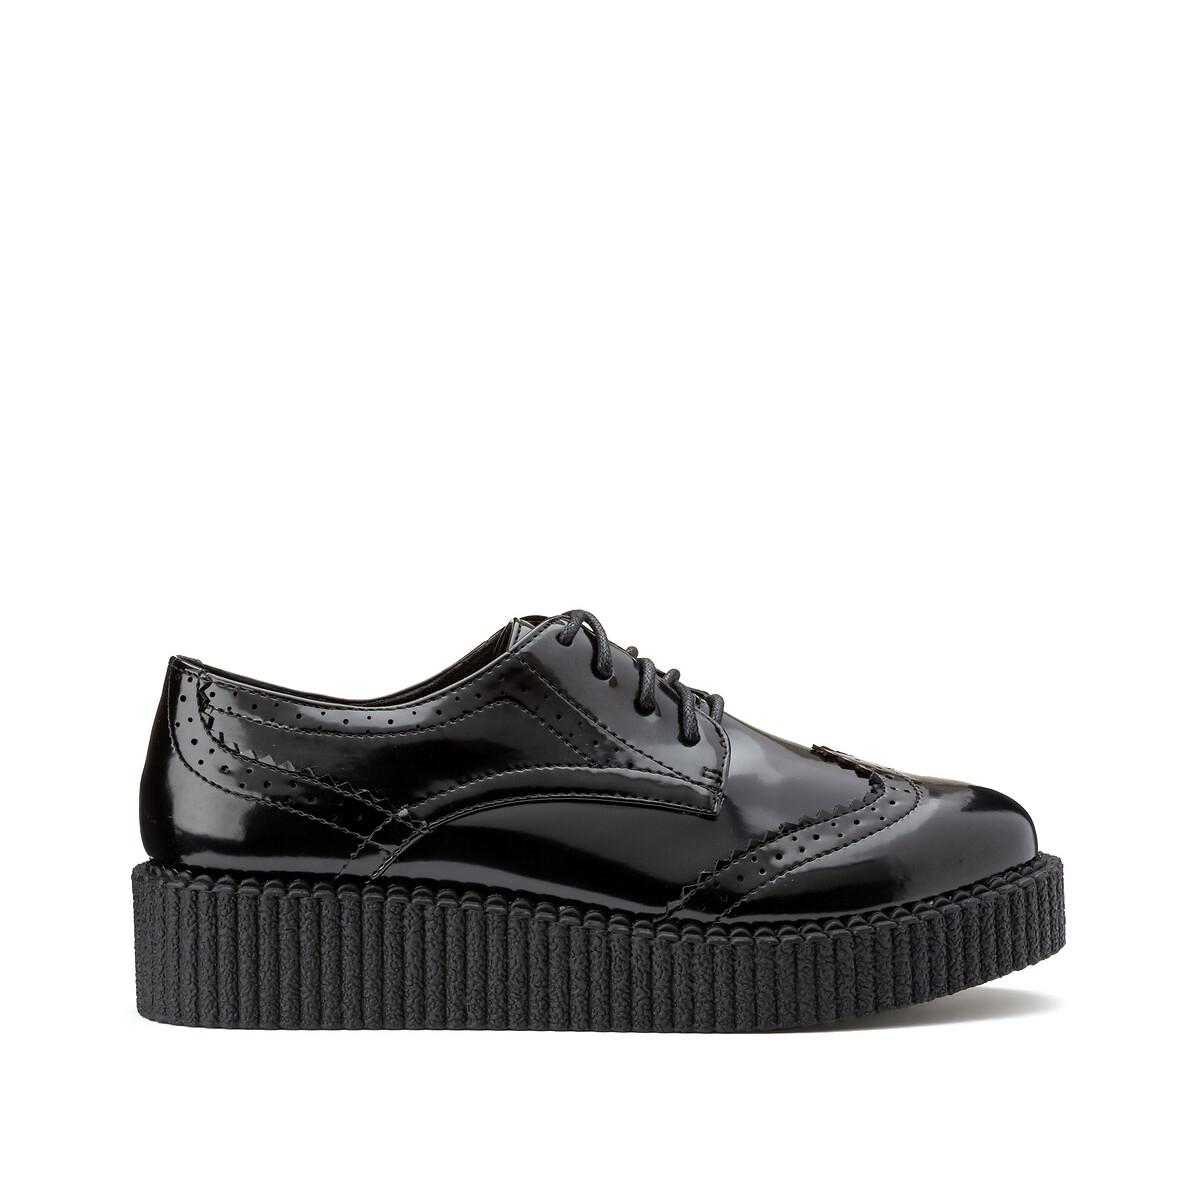 Фото - Ботинки LaRedoute Дерби-криперы 37 черный ботинки дерби laredoute с зеркальным эффектом на танкетке 39 серебристый